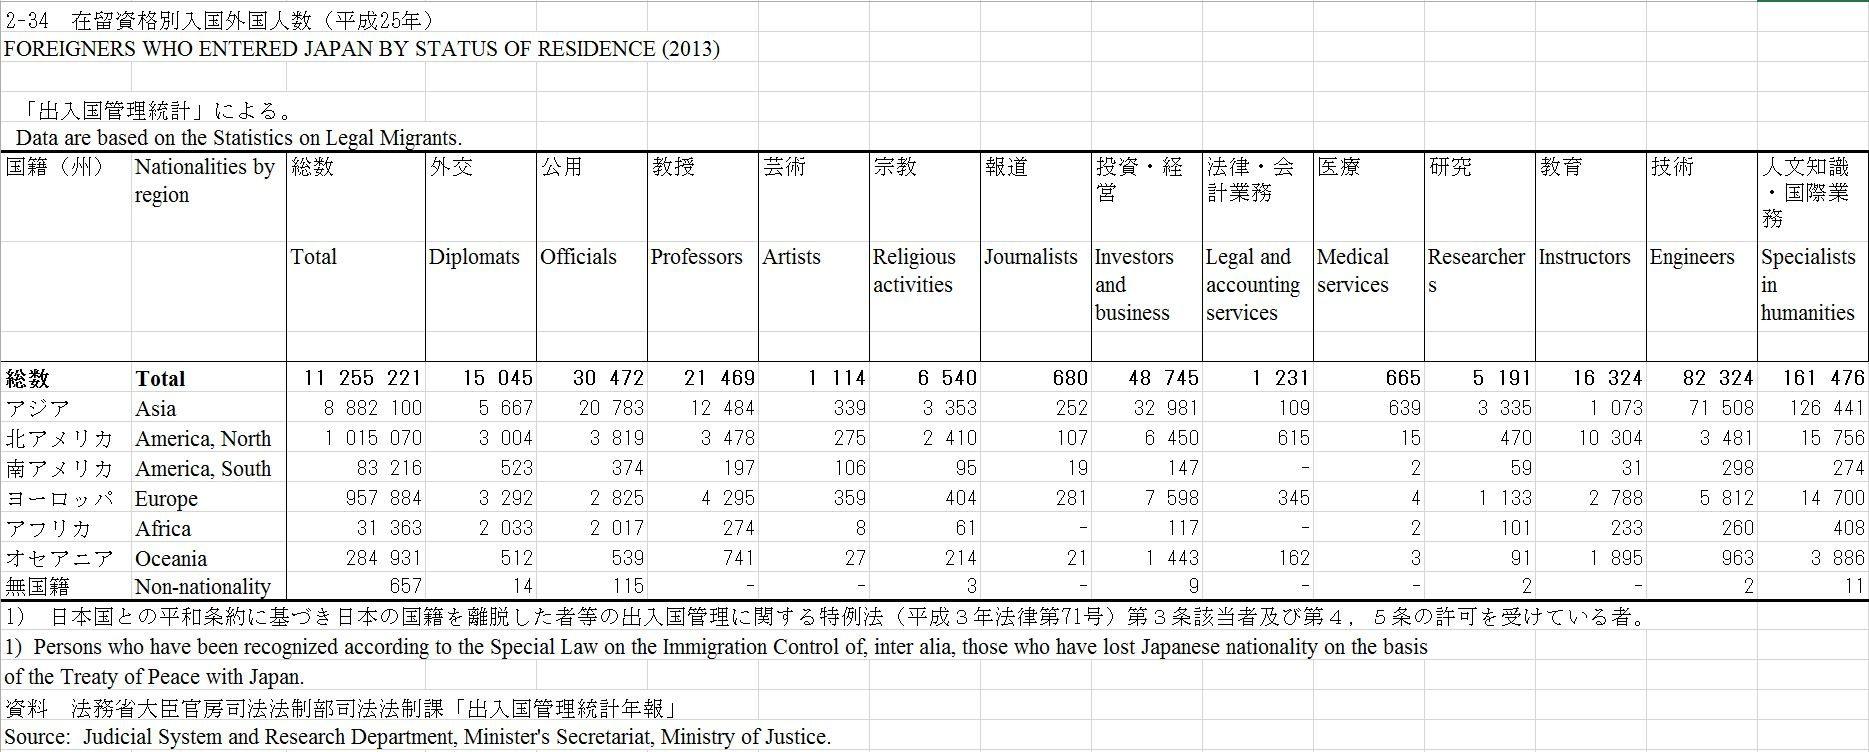 Capture d'écran illustrant la répartition des étrangers au Japon par visa et origine ethnique